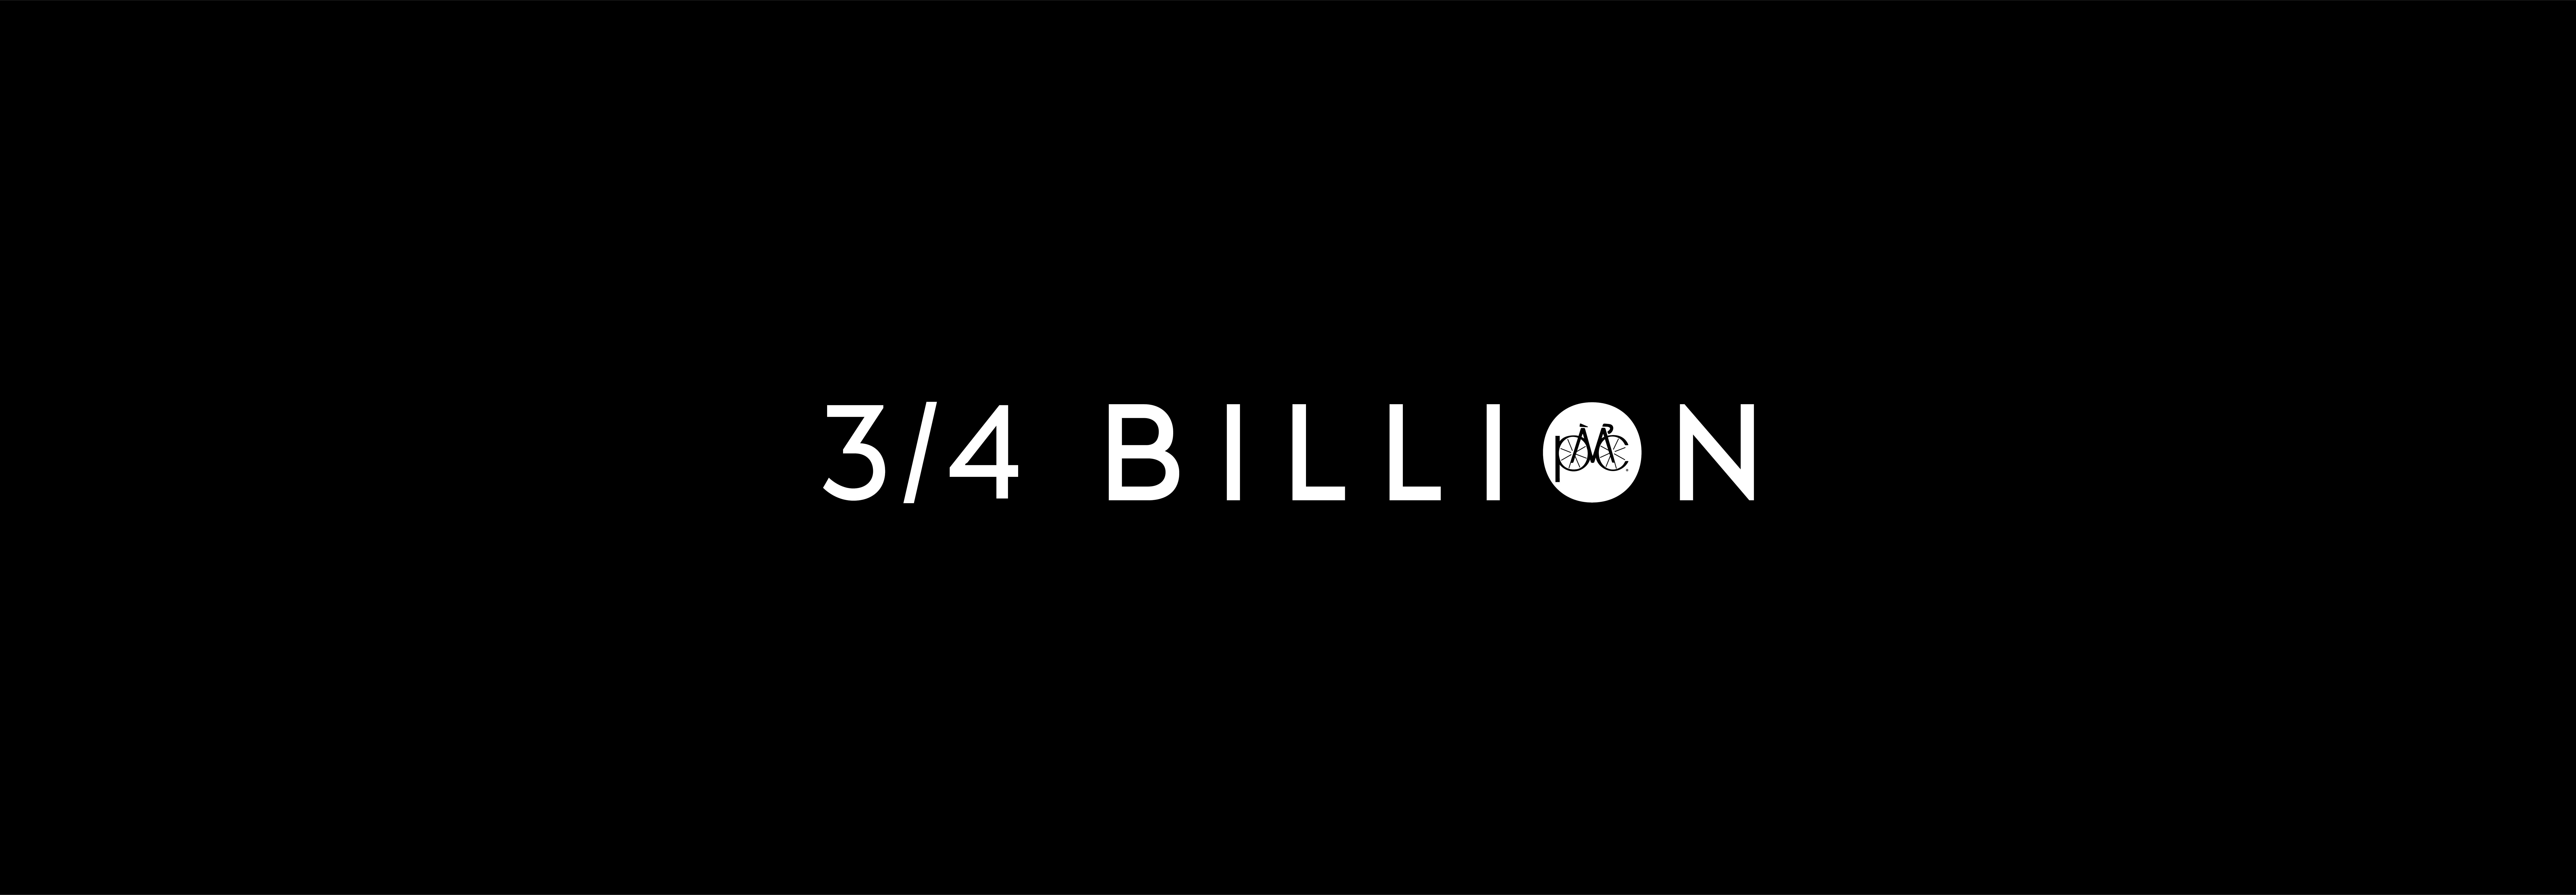 three quarter billion slide-XL v2